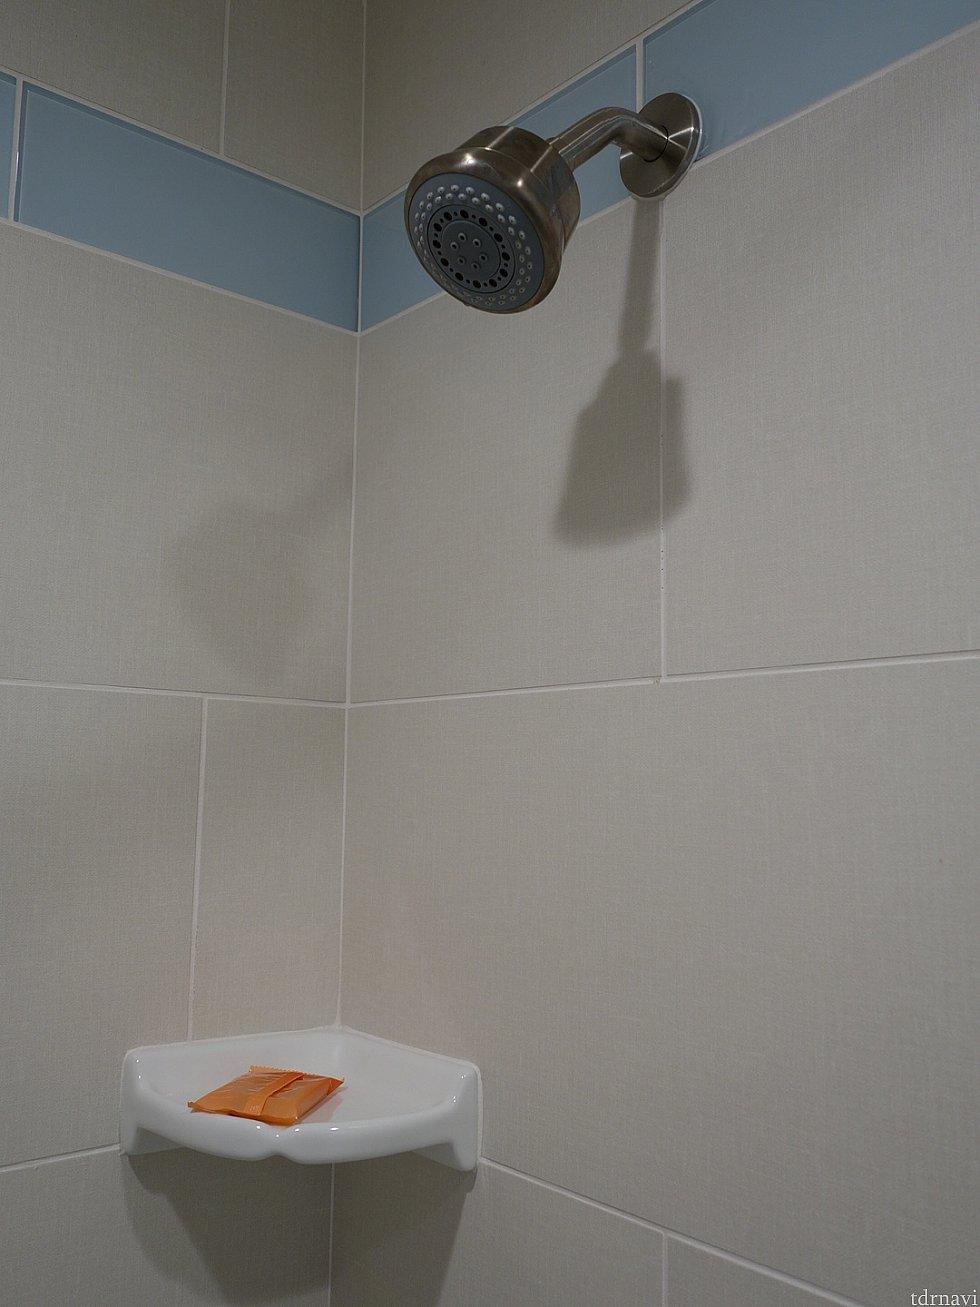 シャワーは固定ヘッド。これは不便かな…